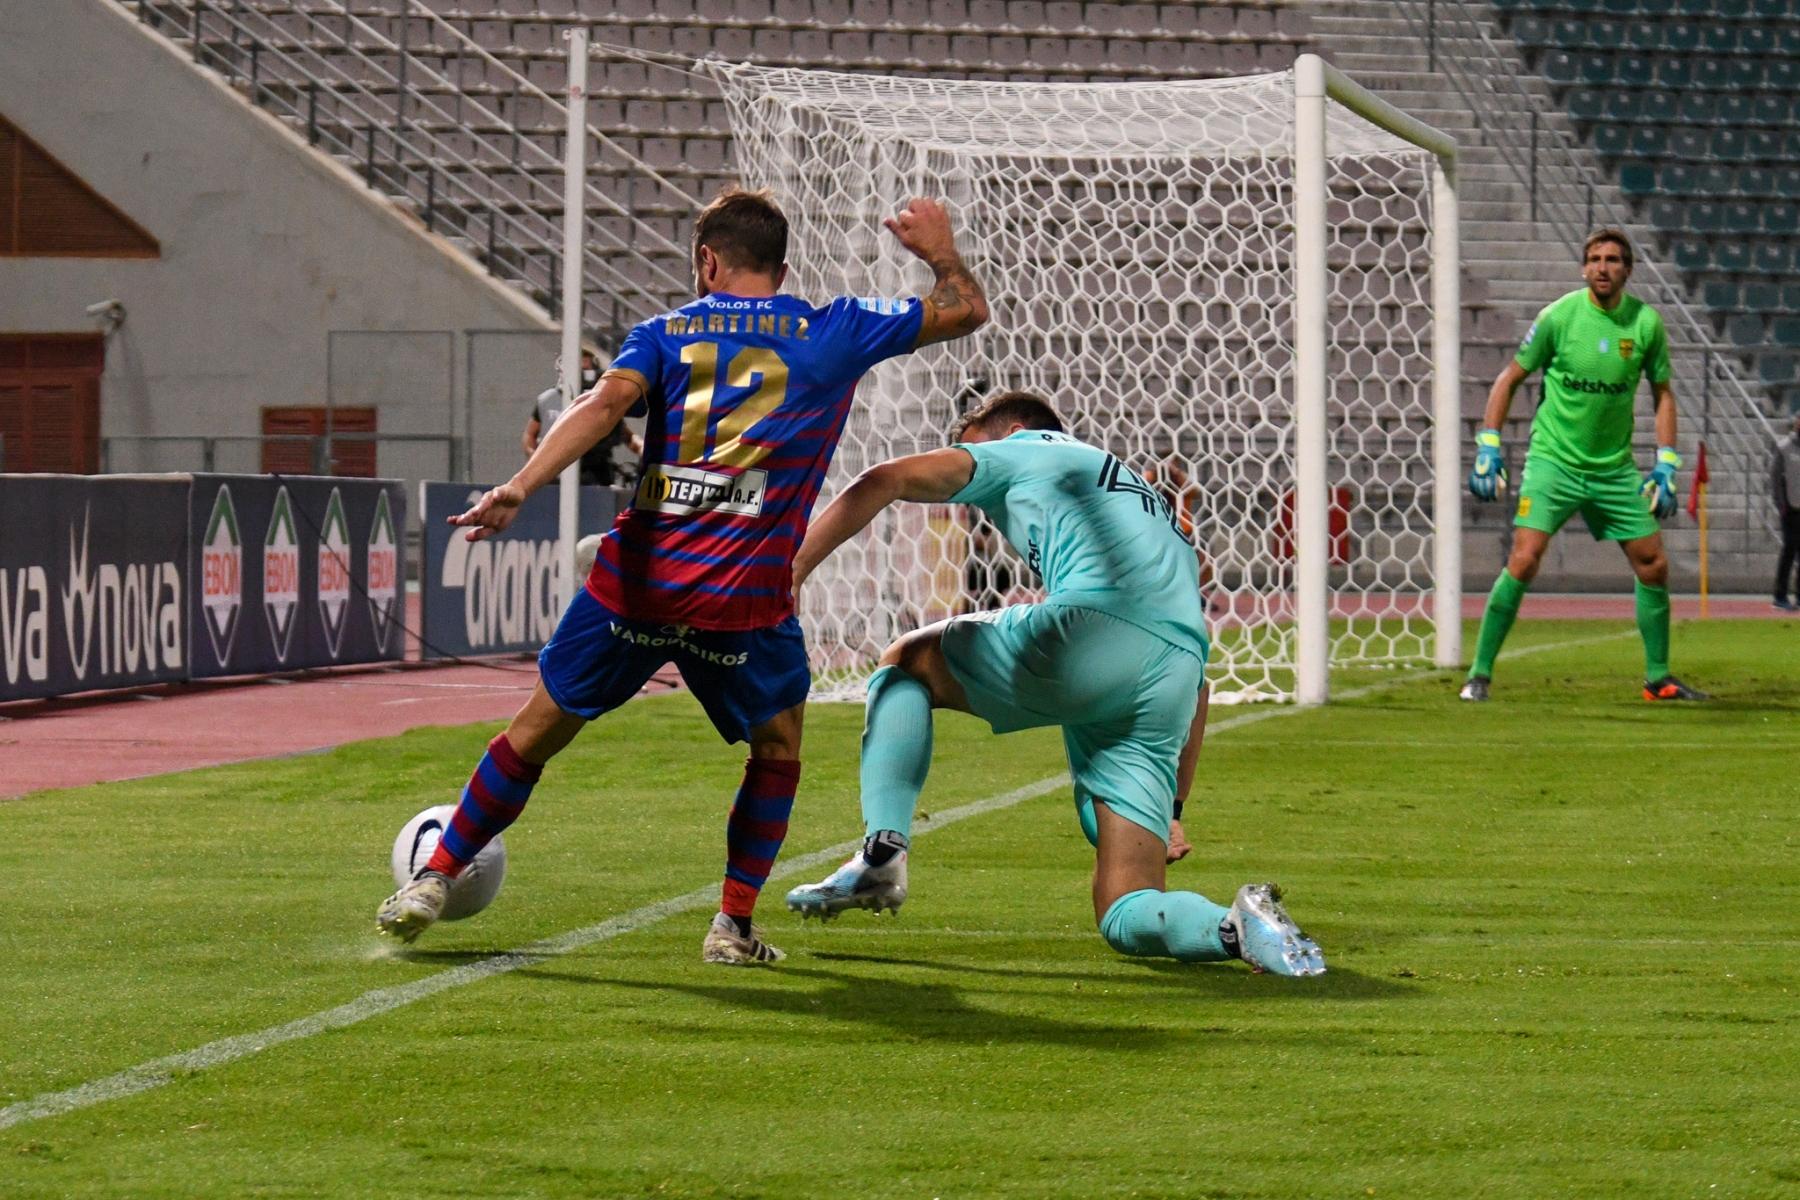 ΠΑΕ ΒΟΛΟΣ - Official Web Site of Volos FC